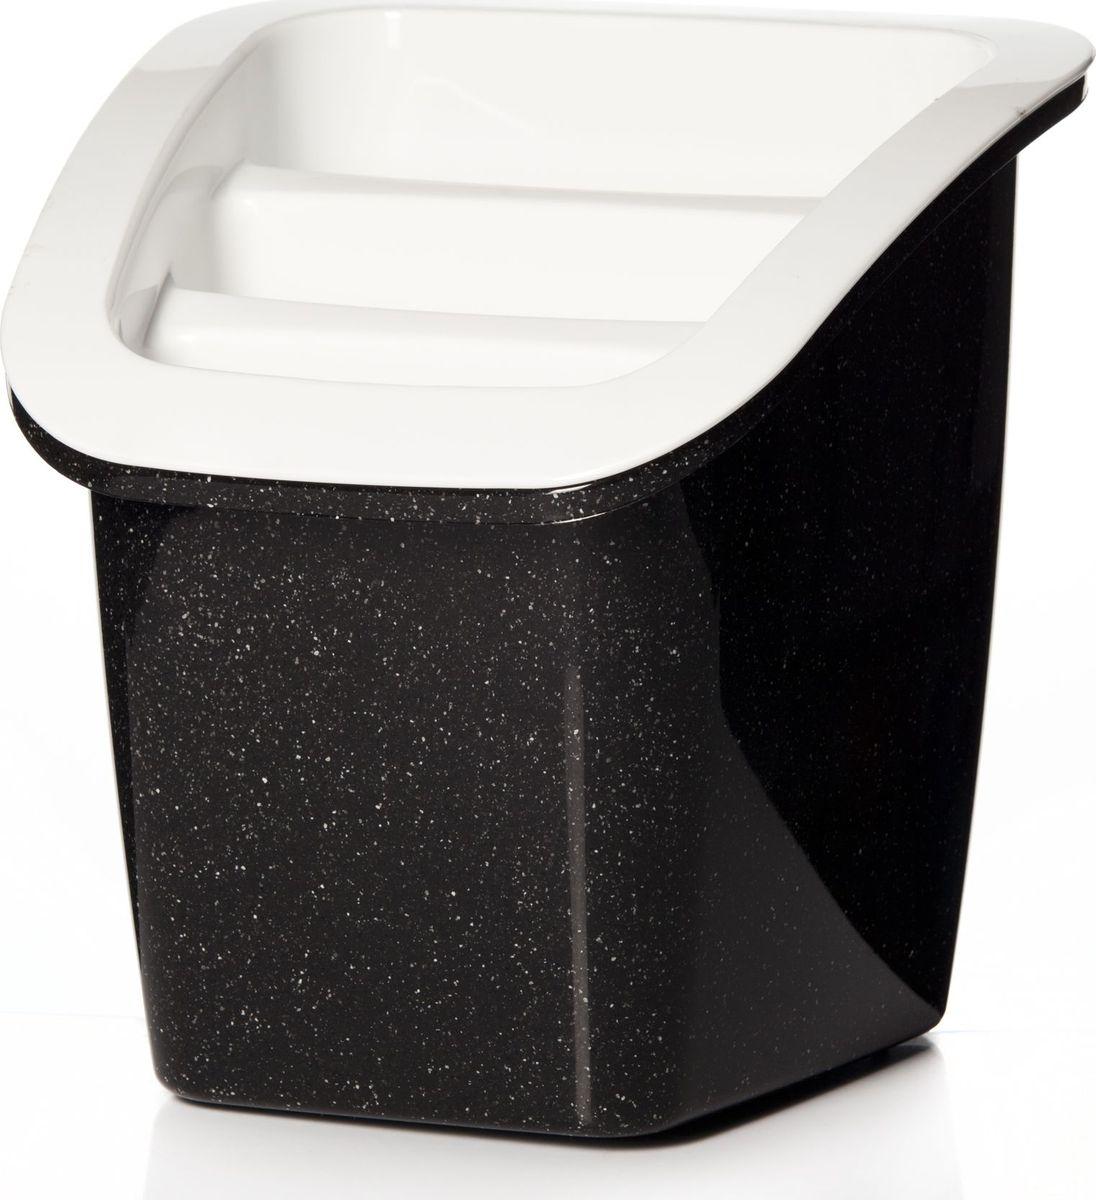 Подставка для столовых приборов Herevin, цвет: черный, белый. 161235-550 подставка для столовых приборов cosmoplast цвет красный диаметр 14 см